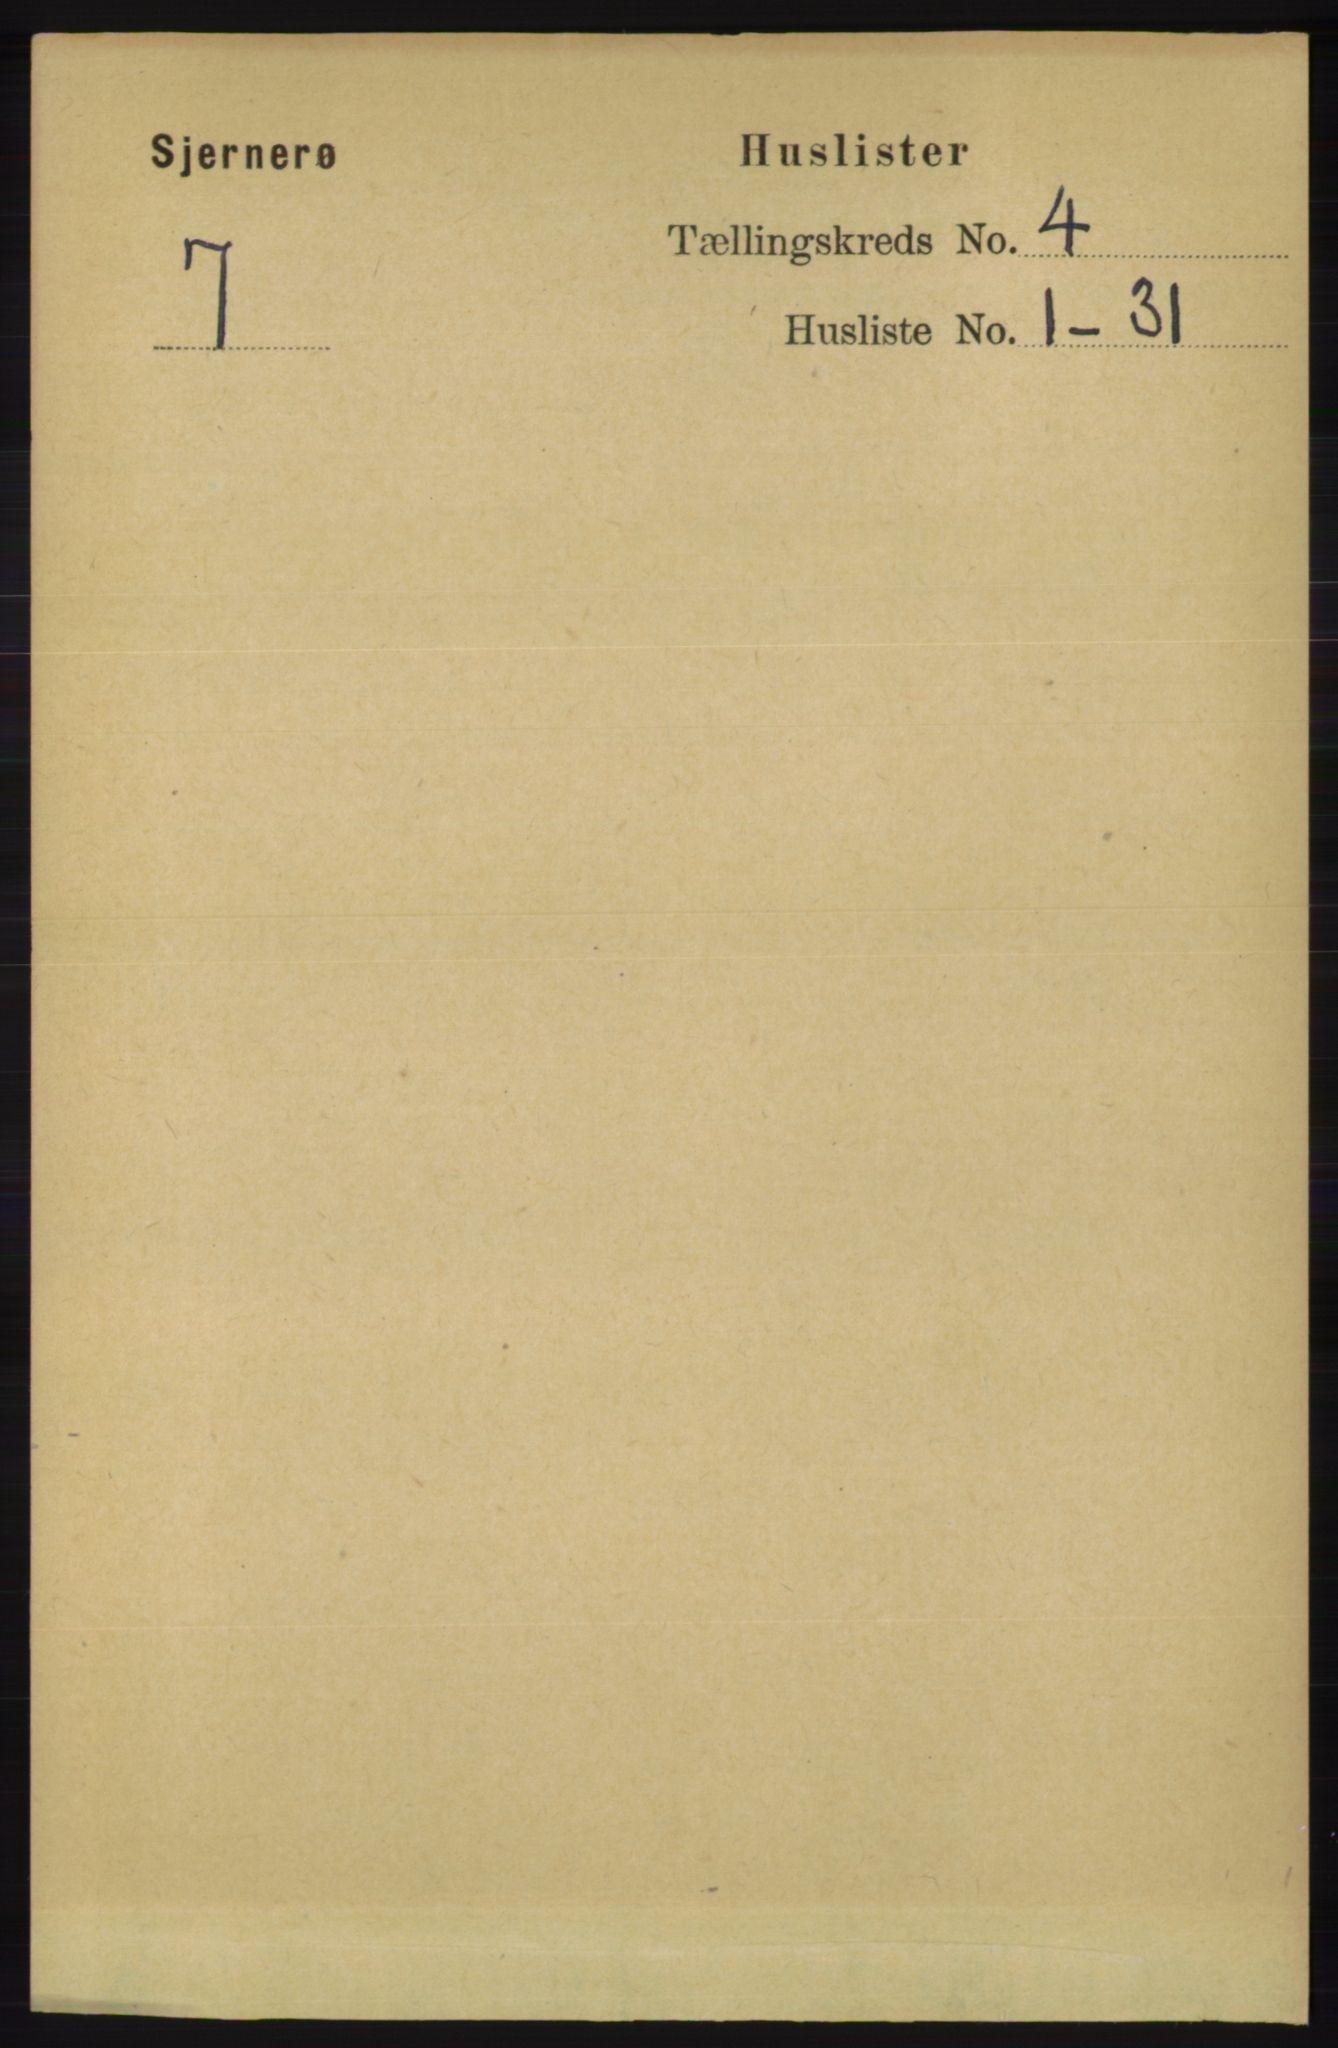 RA, Folketelling 1891 for 1140 Sjernarøy herred, 1891, s. 559